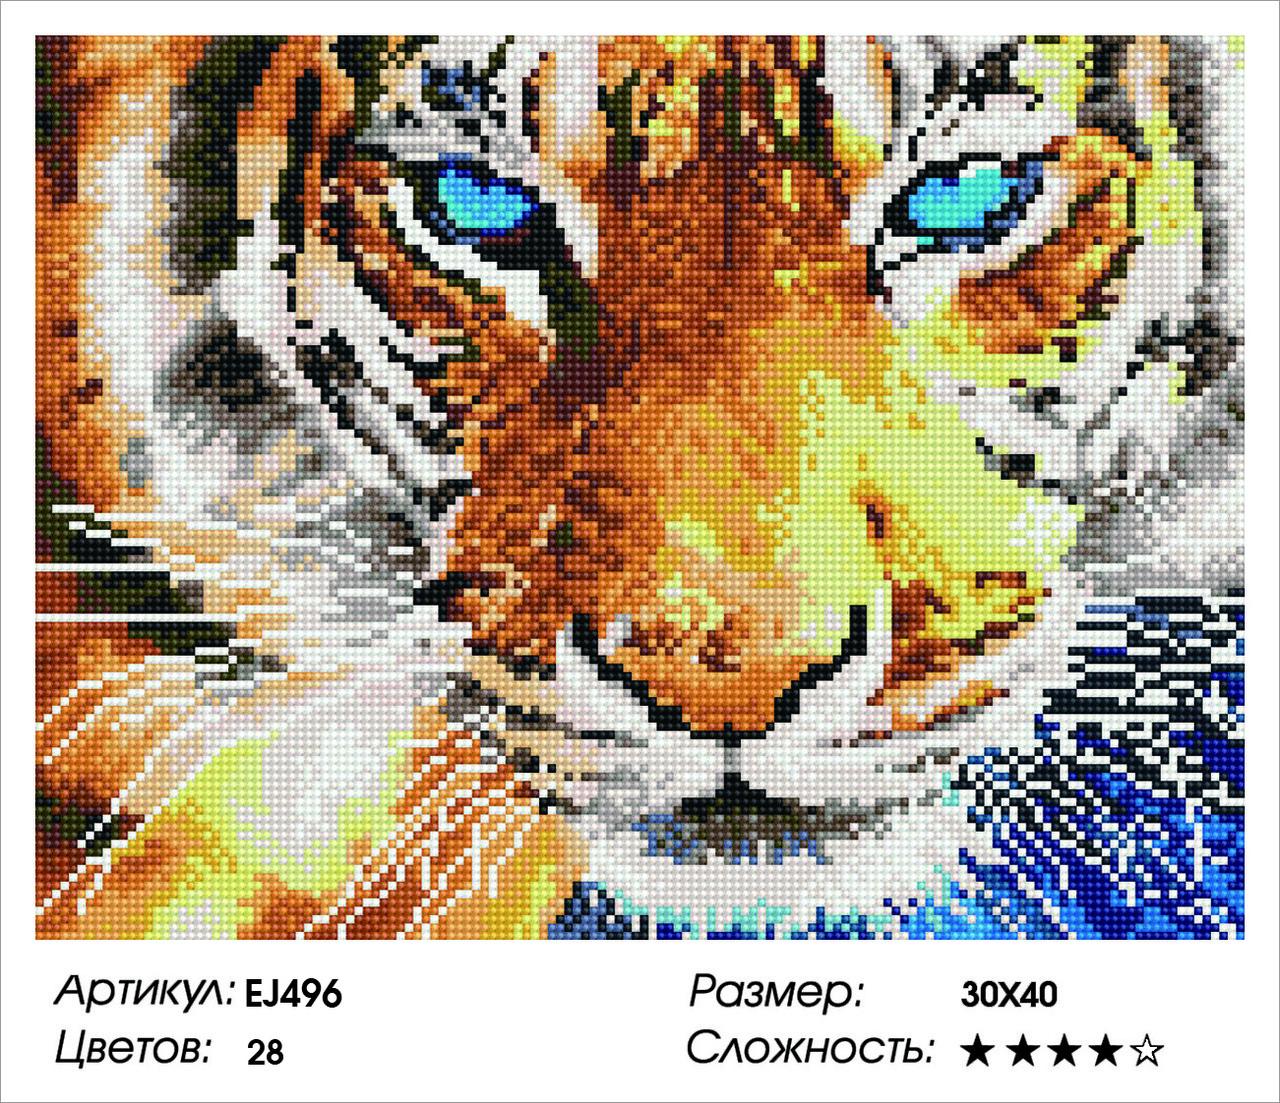 Алмазная живопись 30*40см. EJ496 Взгляд тигра Rainbow Art , алмазная мозайка